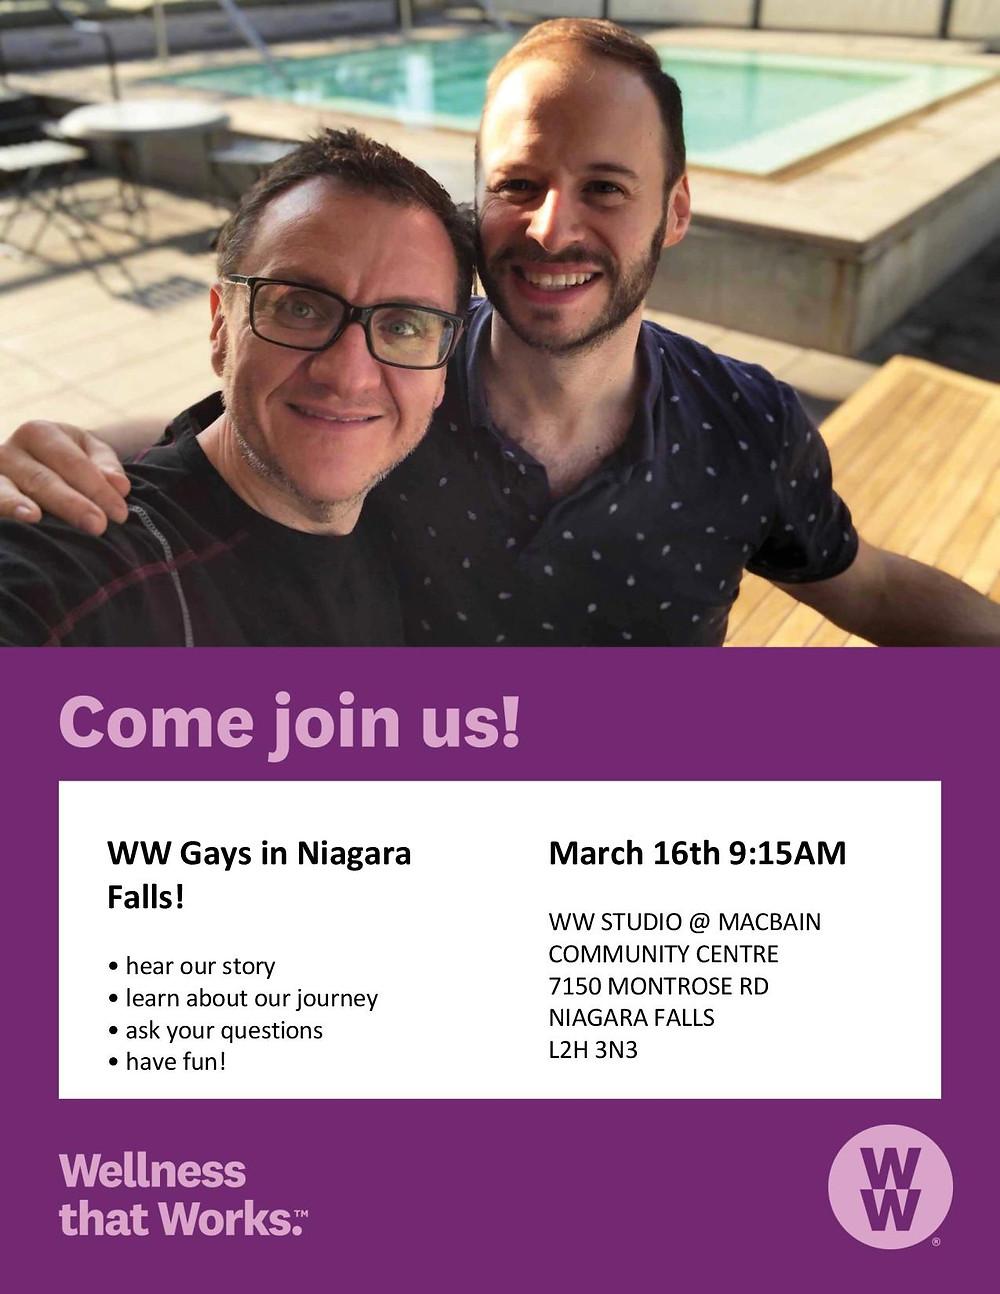 WW Gays in Niagara Falls